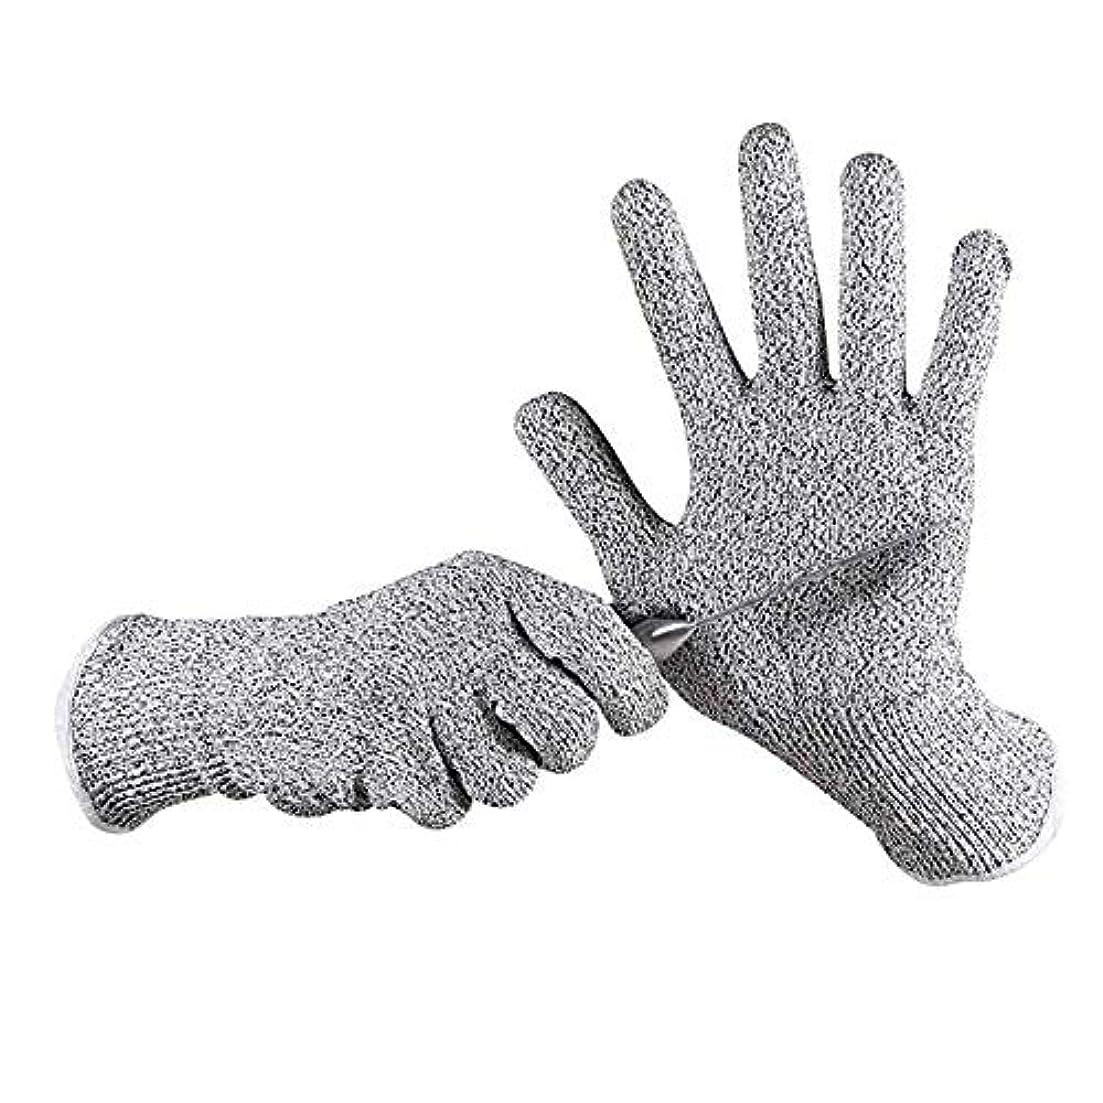 代数ペニー期待するカット性手袋、高性能レベル5の保護、食品グレード、安全キッチン作業や園芸用手袋をカット、1ペア